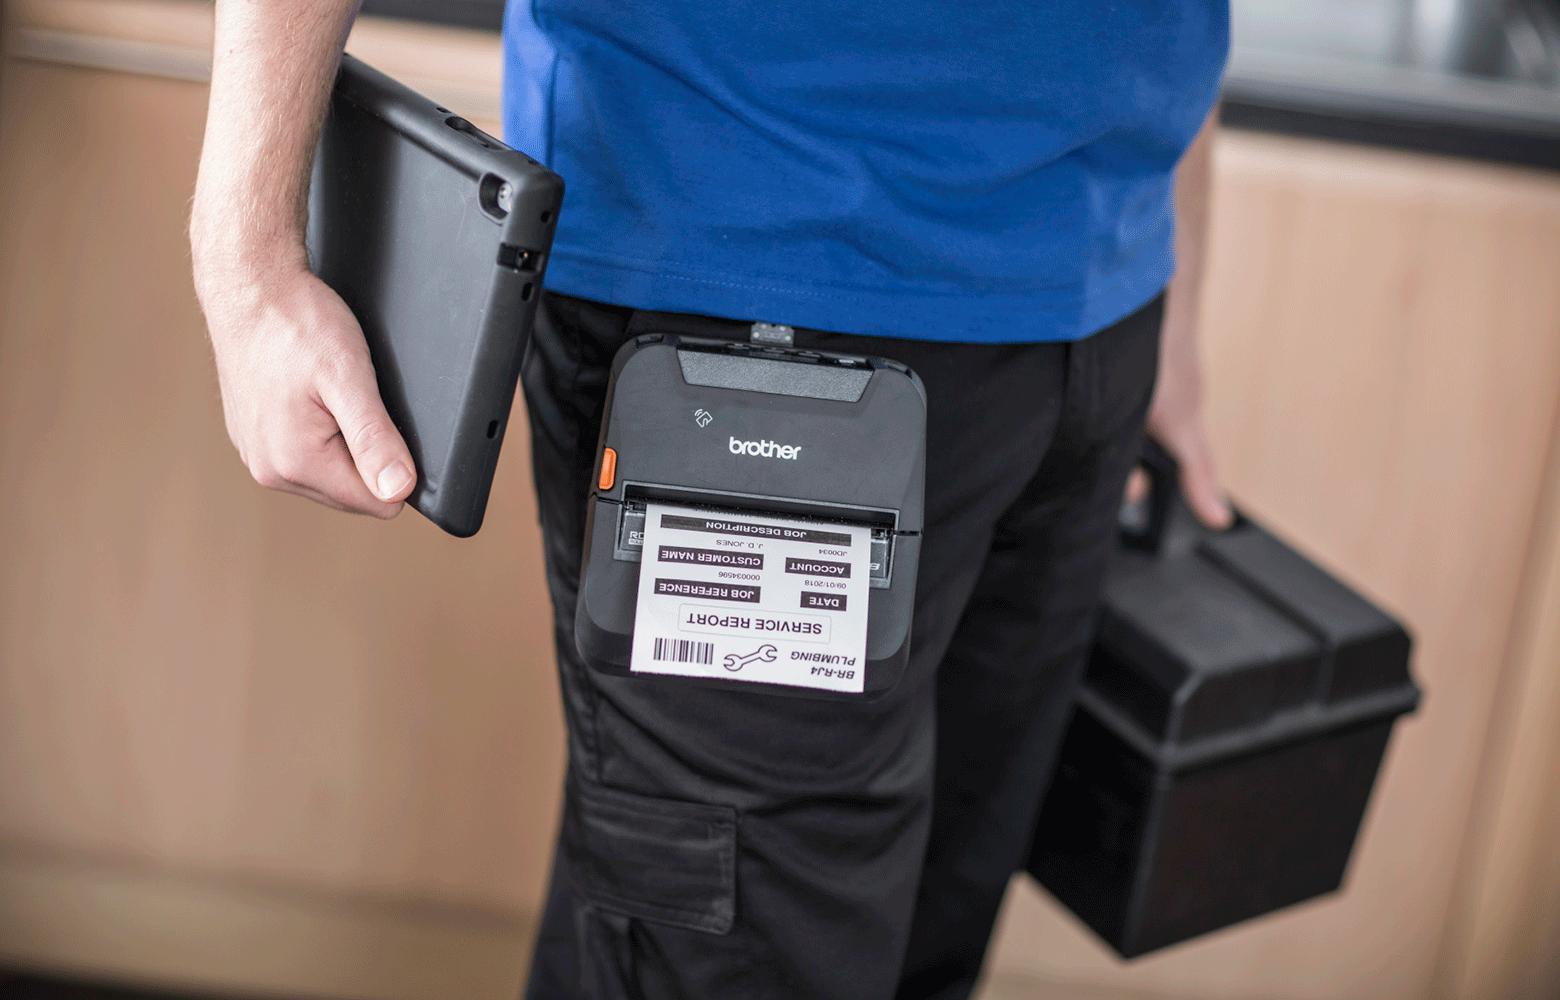 pracovník držiaci tablet s tlačiarňou RJ pripnutou na opasku